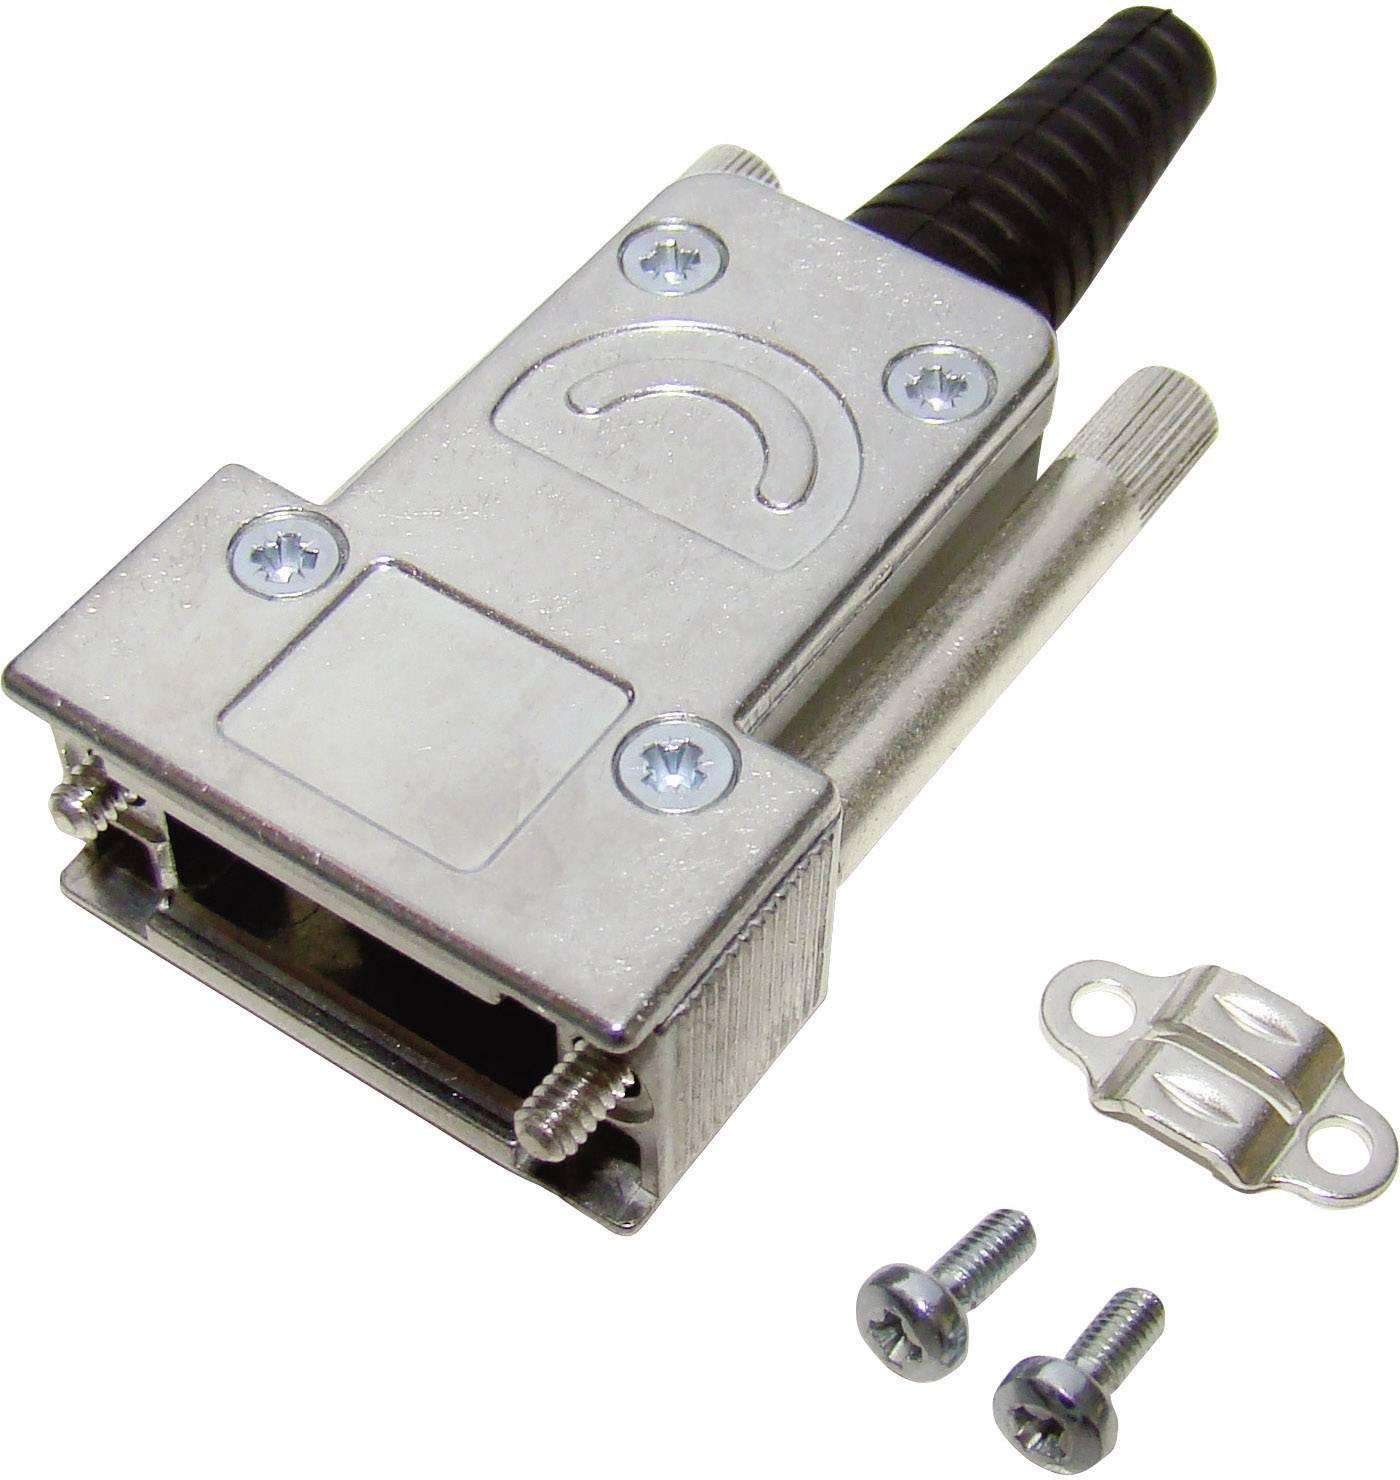 D-SUB pouzdro Provertha 117152DC50101 117152DC50101, pólů 15, kov, 180 °, stříbrná, 1 ks